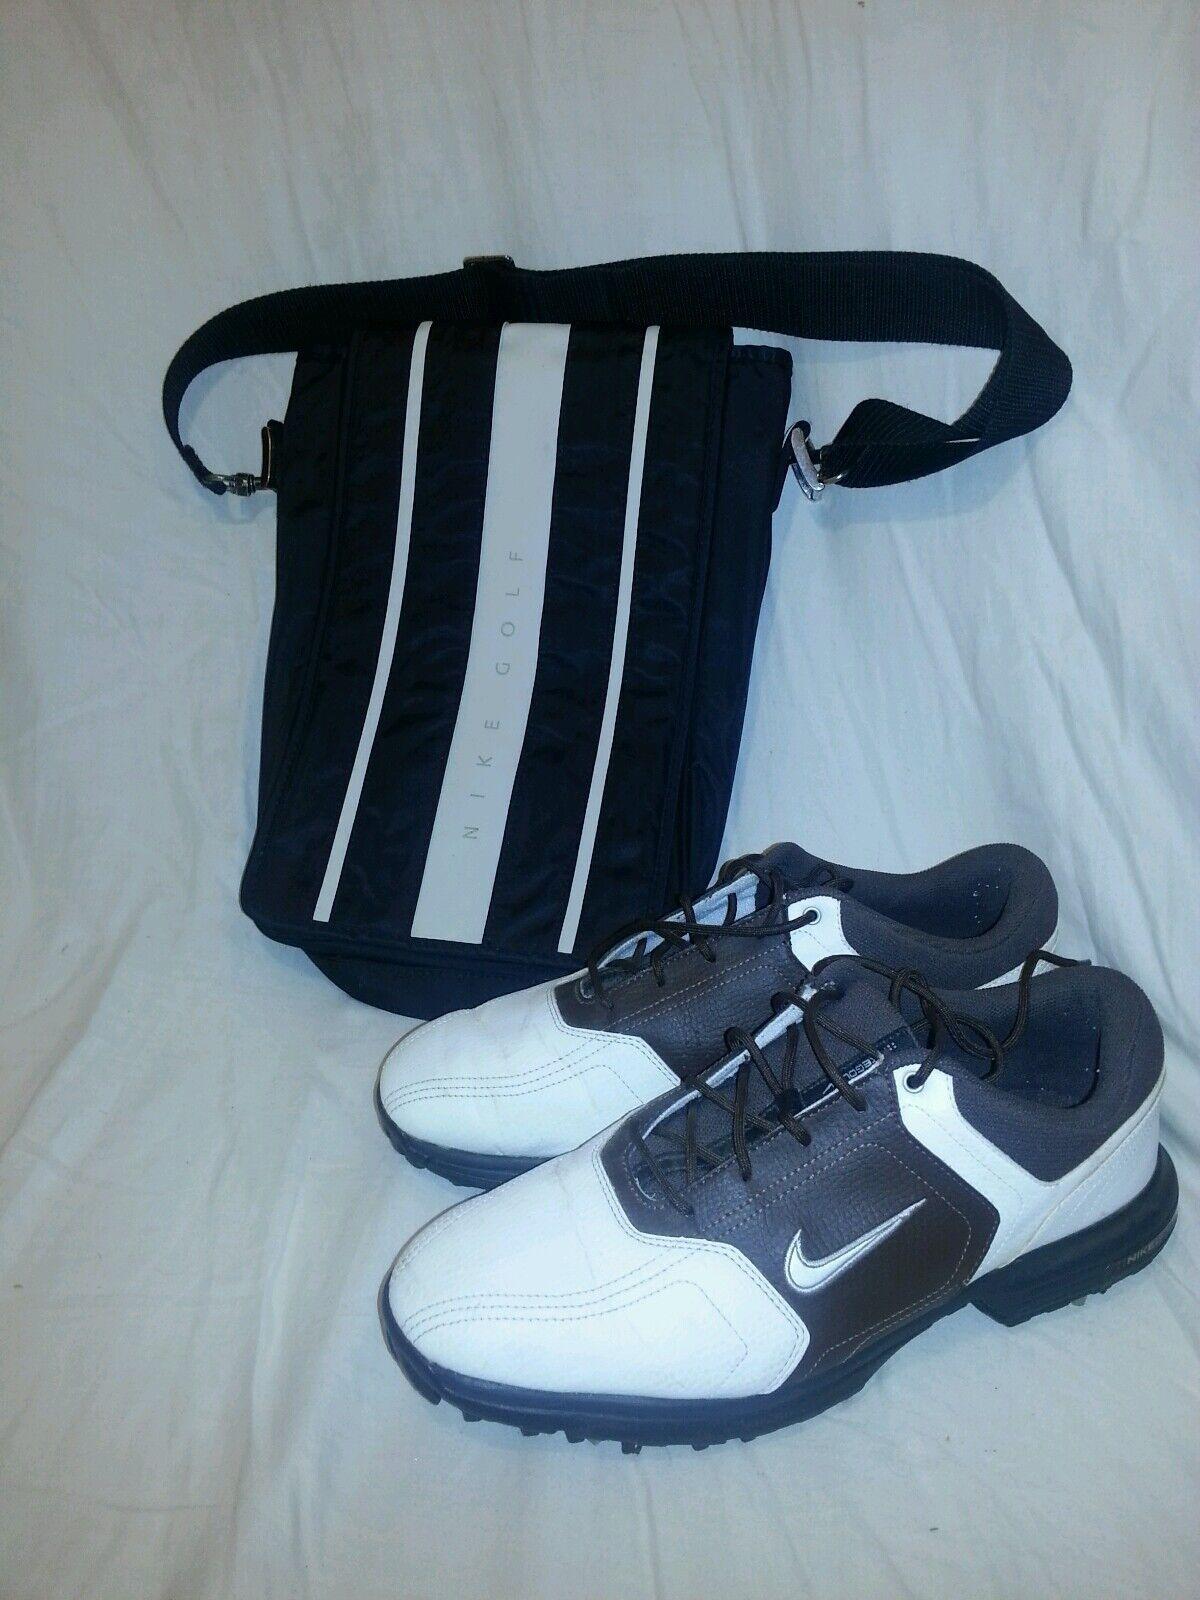 Para hombres Cuero CHANNEL Marrón Blanco NIKE POWER CHANNEL Cuero Golf Zapatos  Botines Usado en excelente condición libre bolsa d13a8a